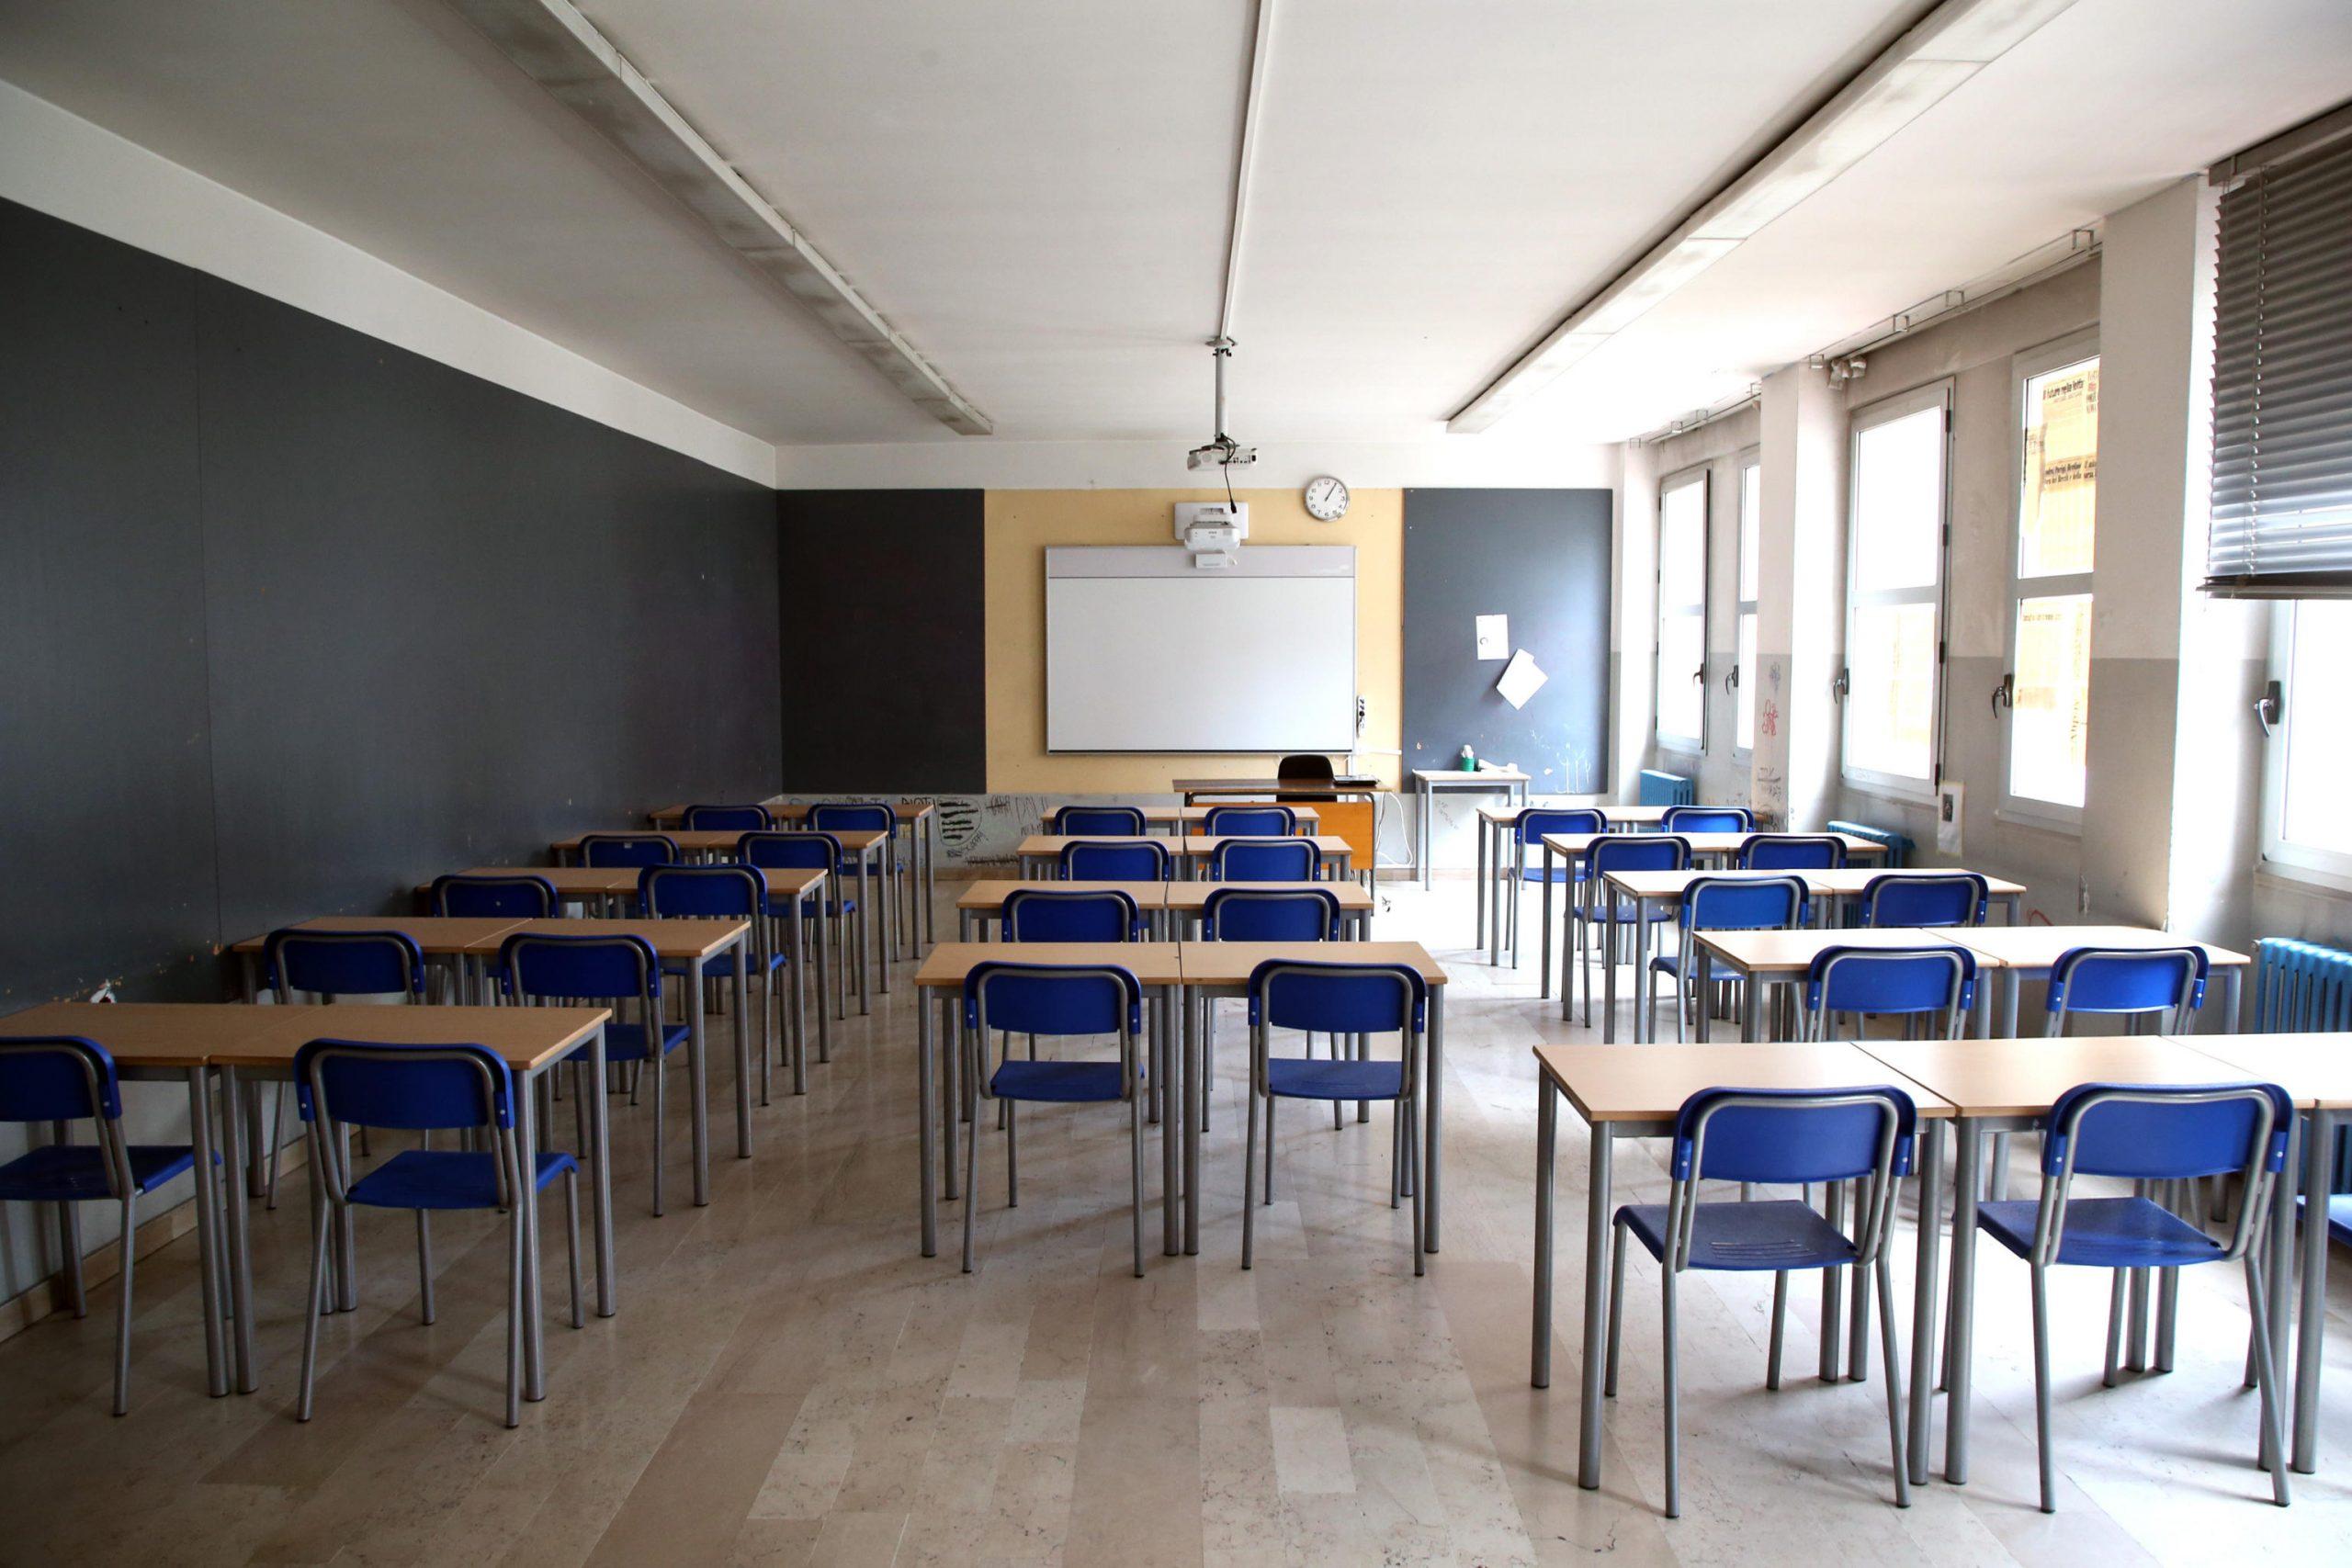 aule aula scuola